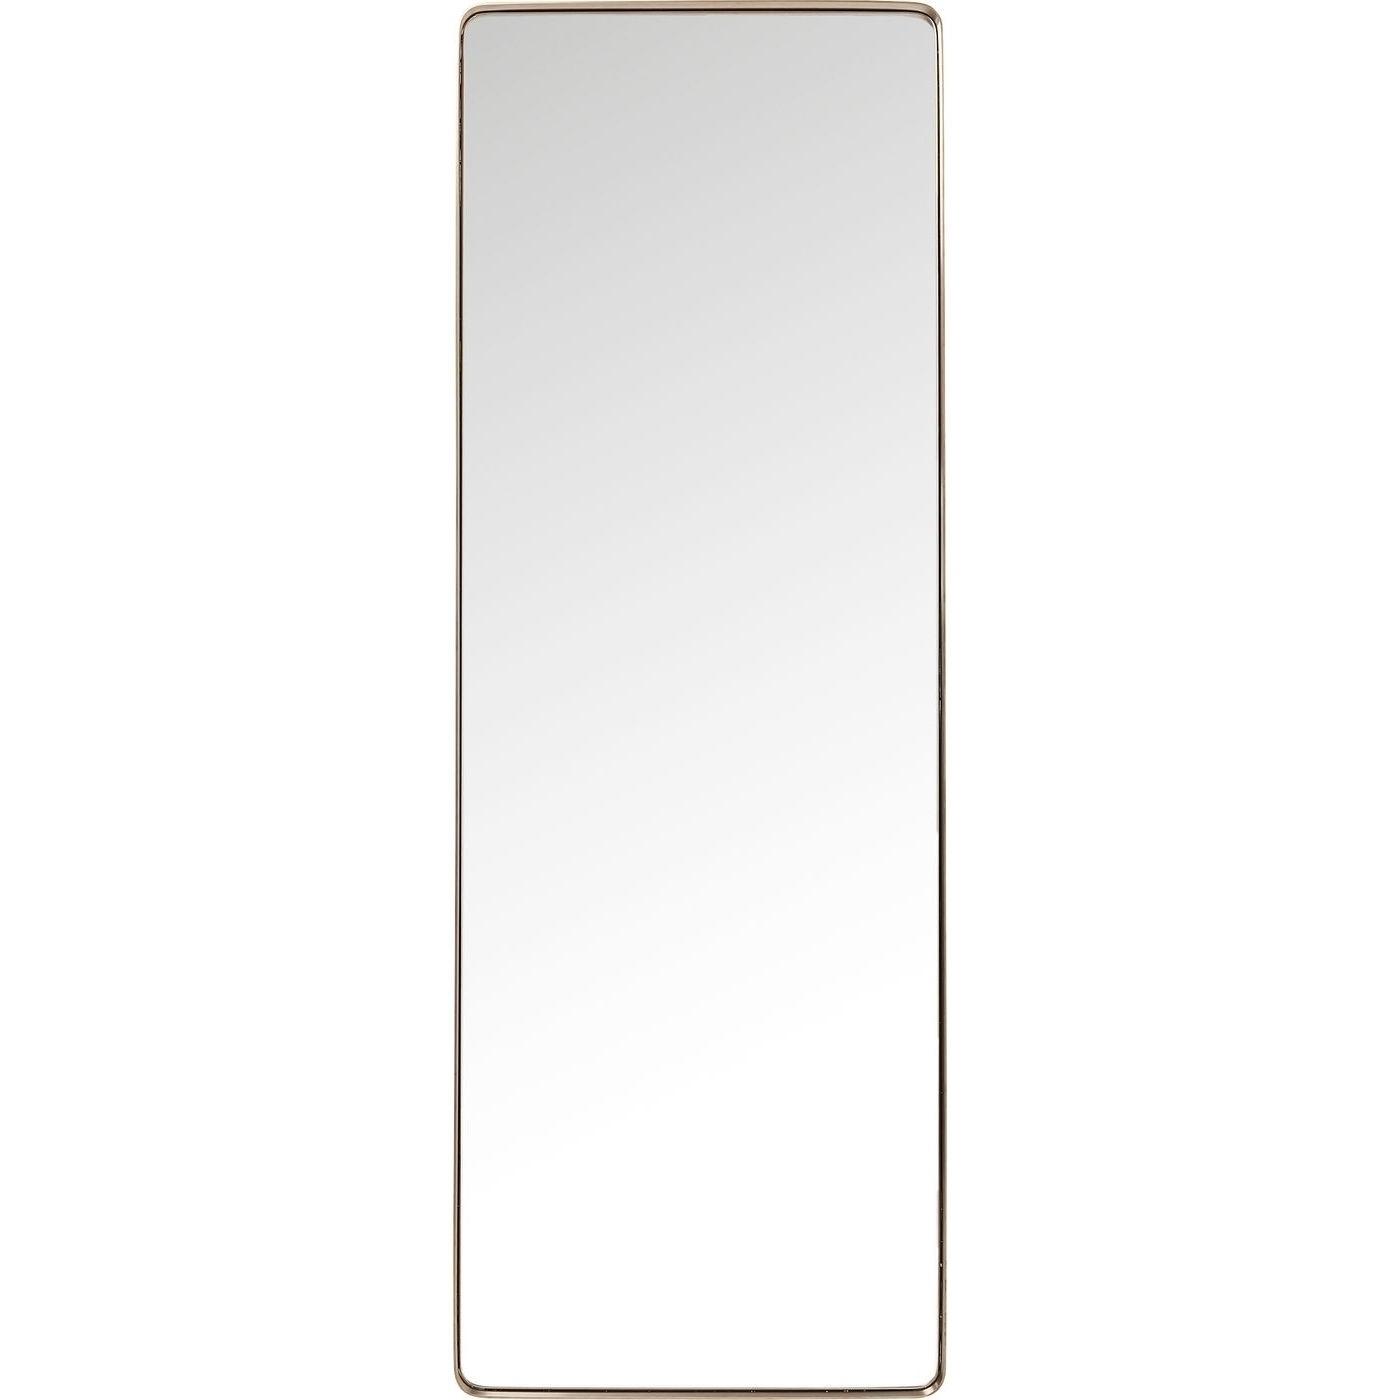 Spiegel Curve Rectangular Kupfer 200x70cm